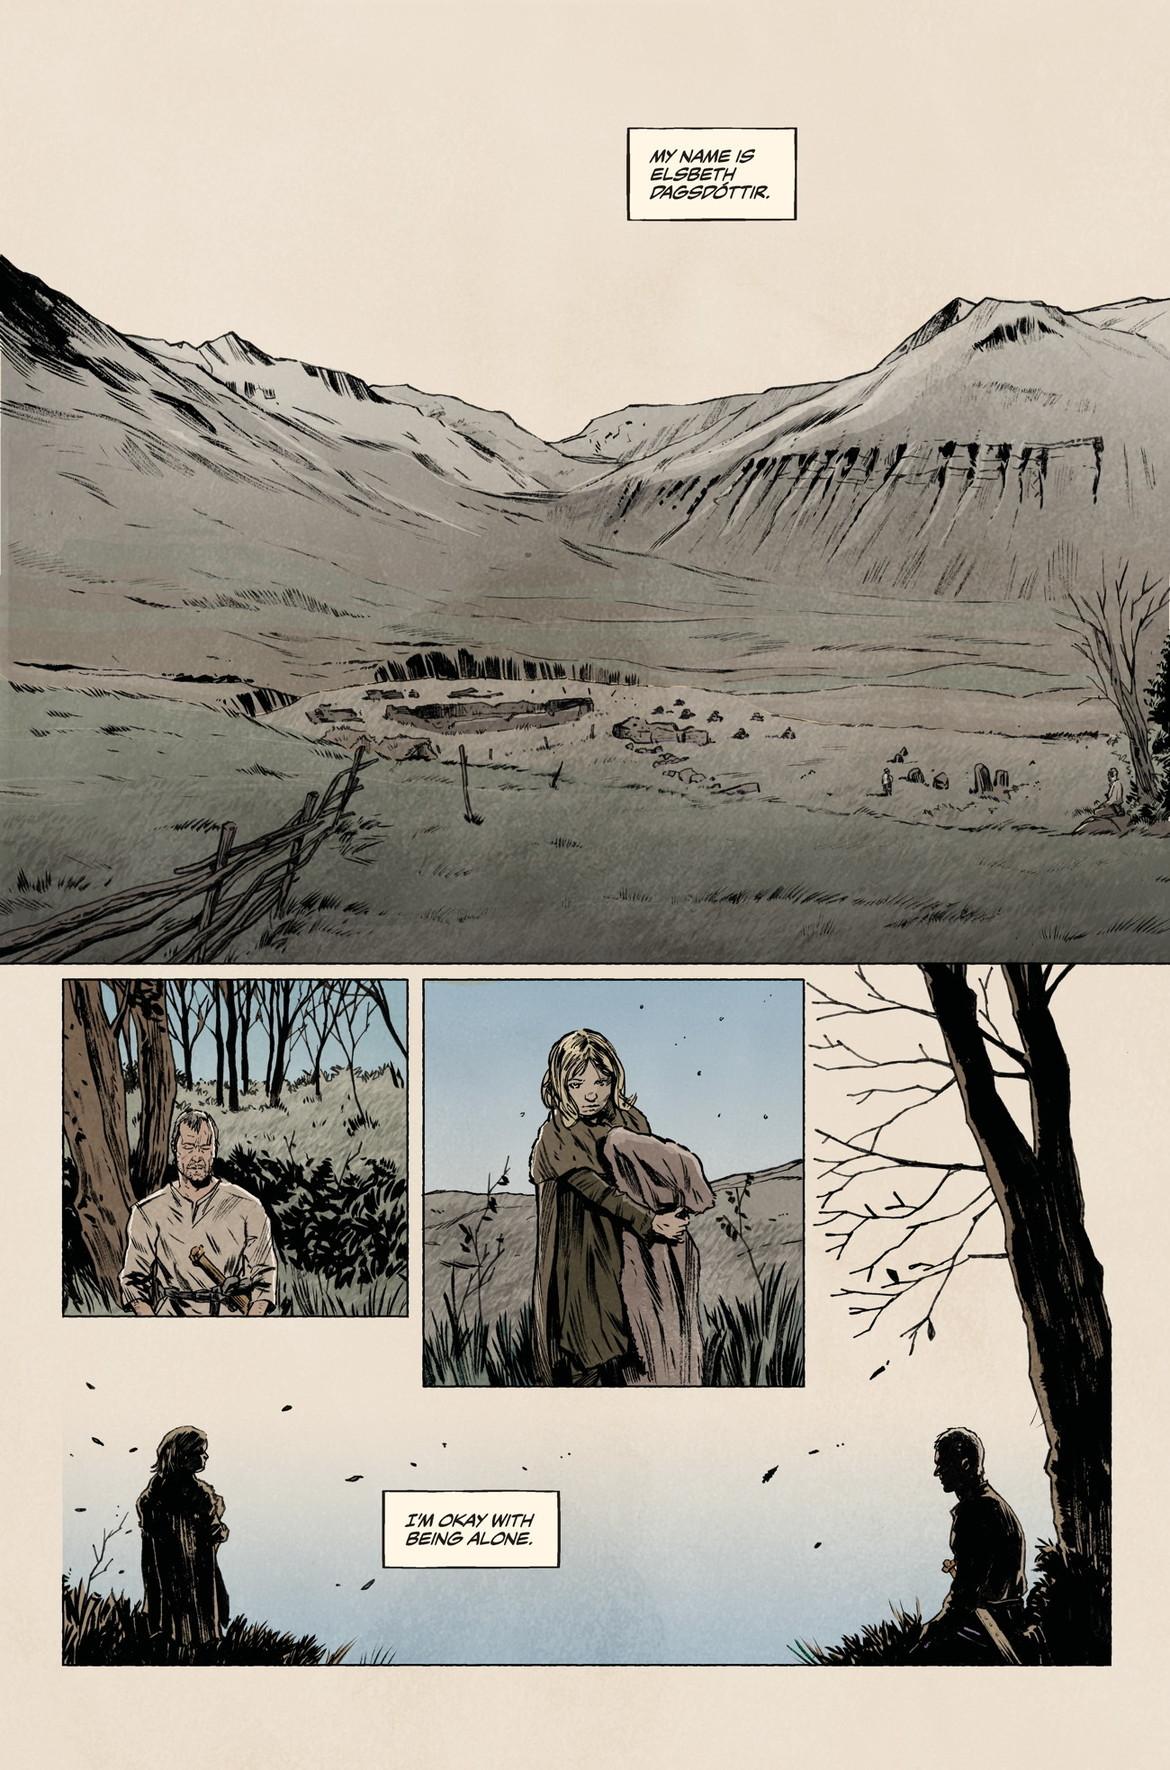 From Sword Daughter #1, Dark Horse Comics